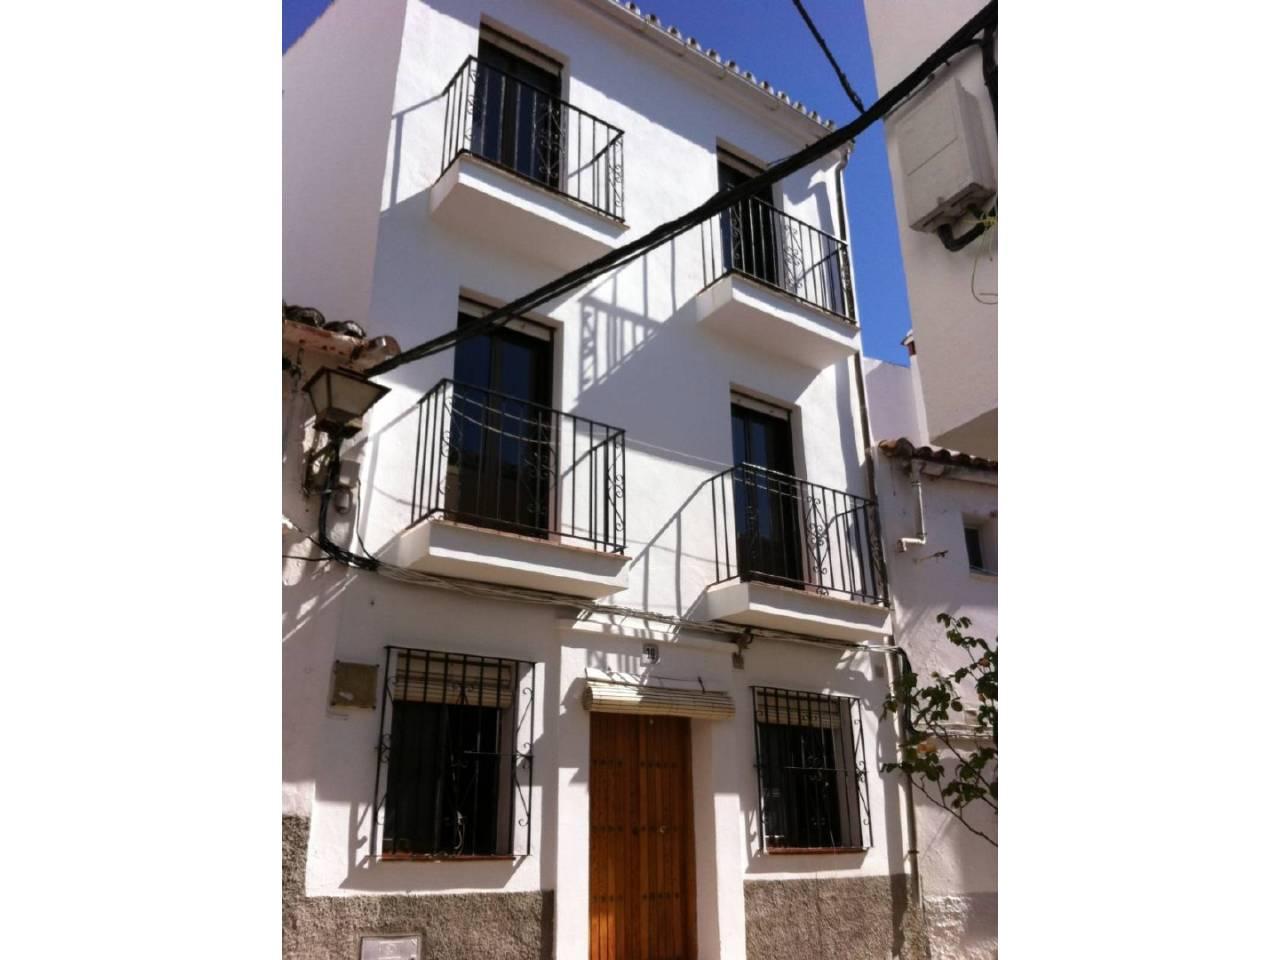 Casa en venta en Jubrique en JUBRIQUE, Calle: Llanada